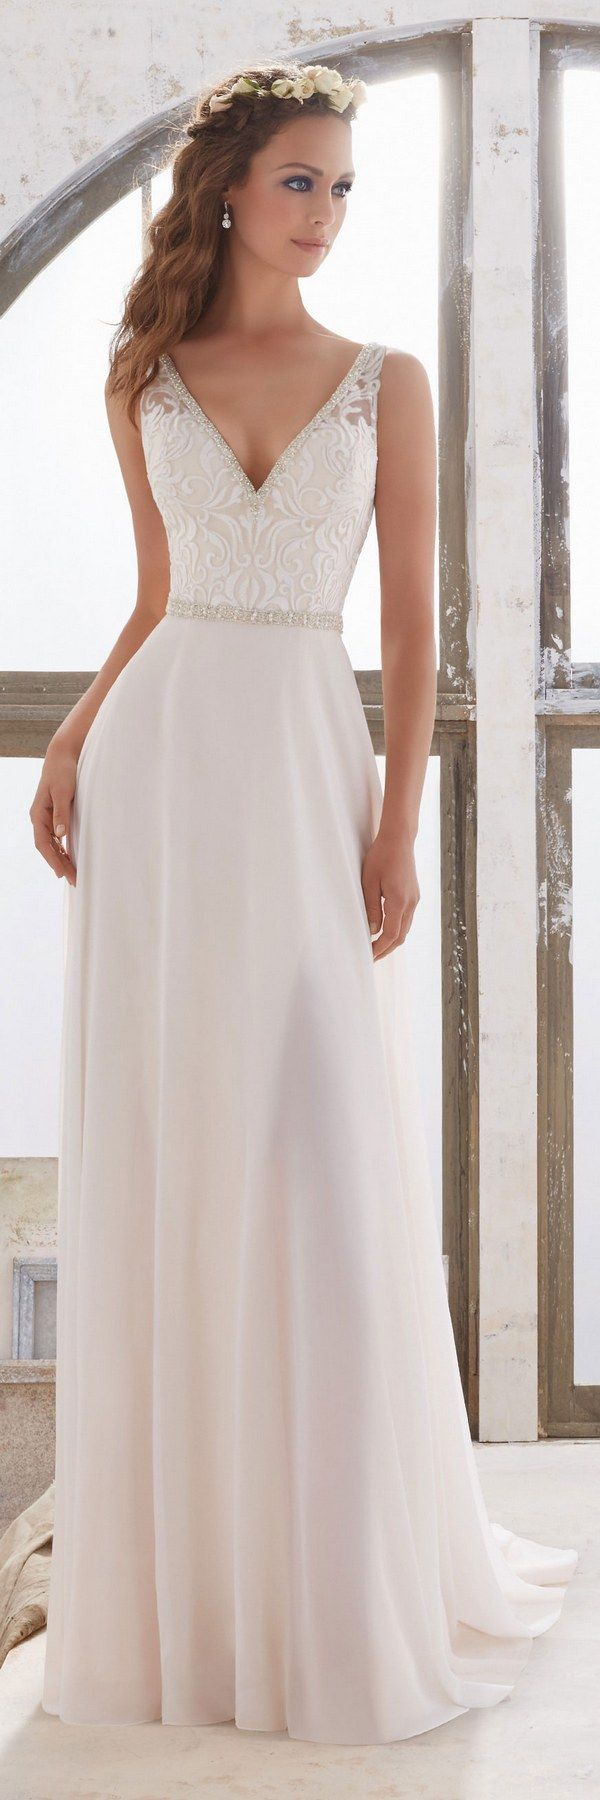 Morilee by Madeline Gardner - Blu Wedding Dresses 2017 / http://www.deerpearlflowers.com/morilee-by-madeline-gardners-blu-wedding-dresses-collection/4/